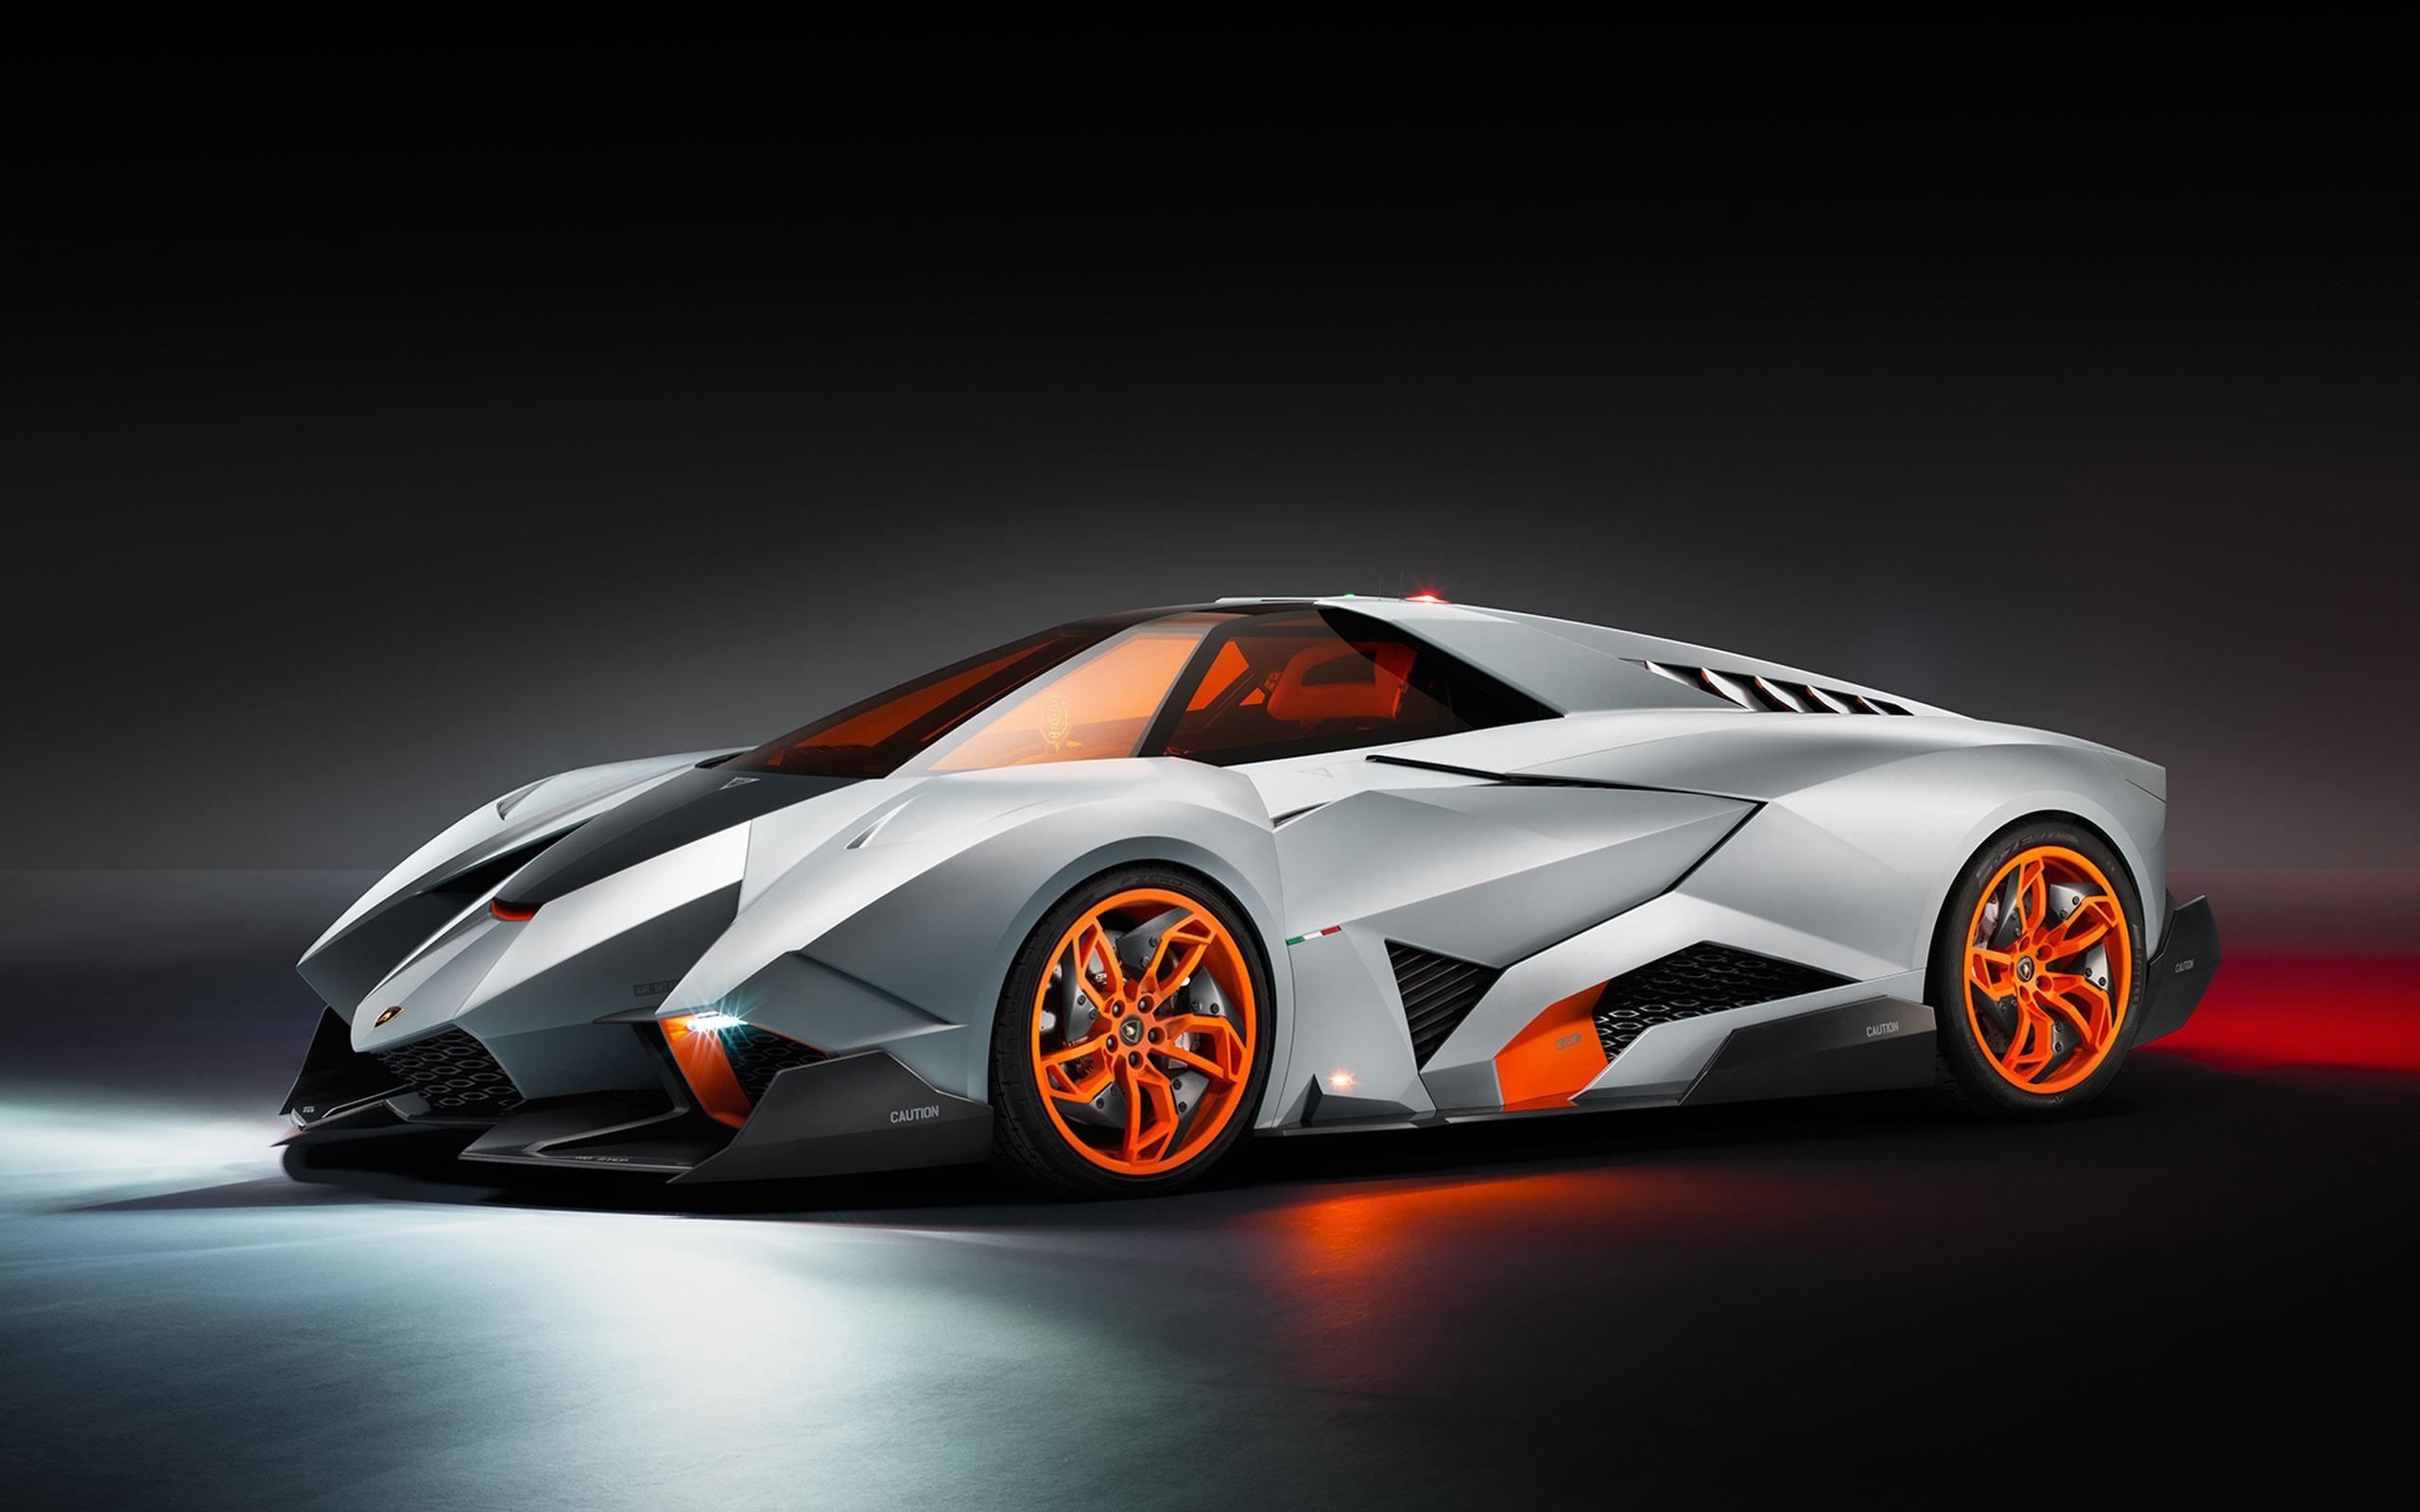 Wallpaper Car Lamborghini 2560x1600 Xavkas 1809753 Hd Wallpapers Wallhere